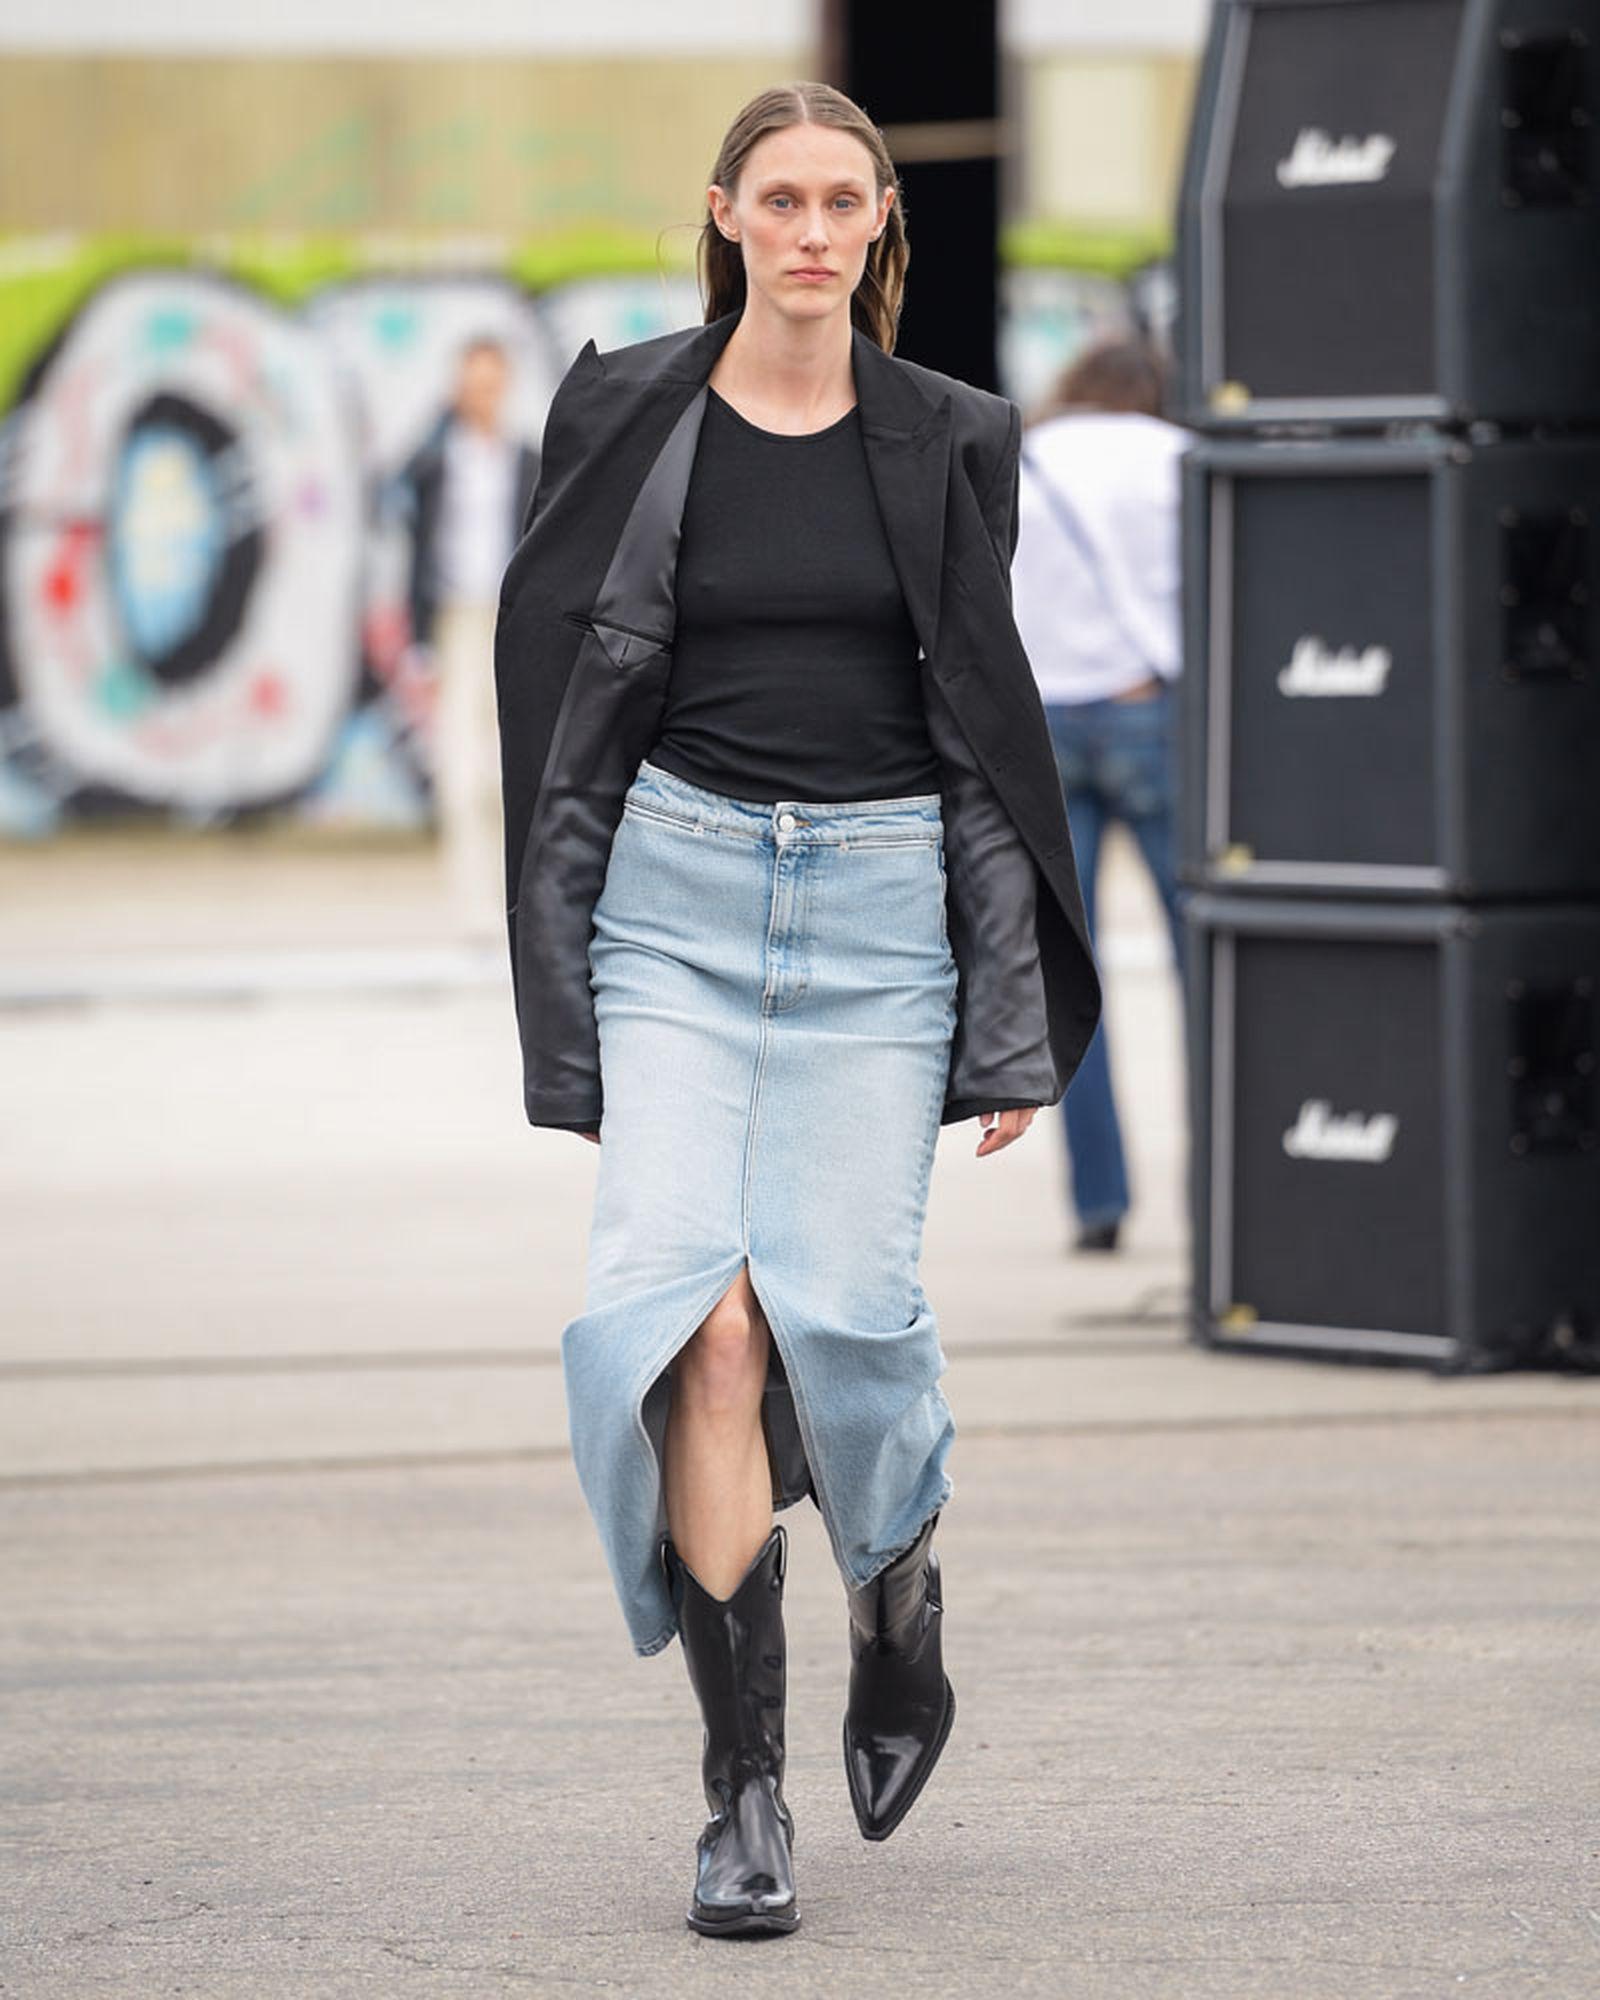 copenhagen fashion week 2019 recap sunflower 7days holzweiler muf10